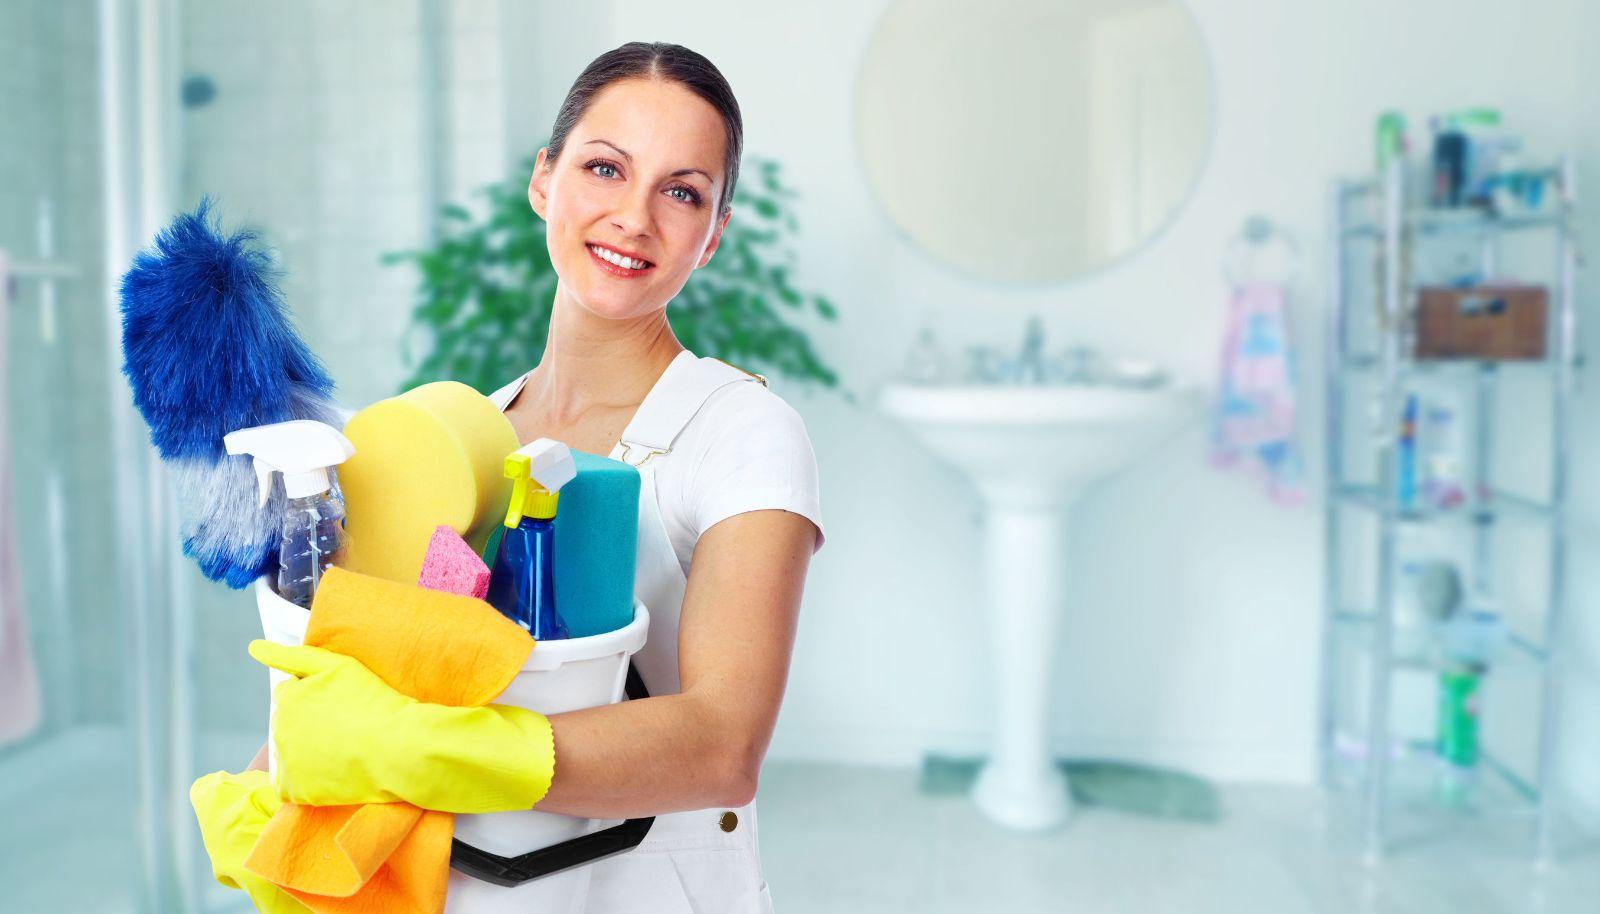 Servisi/agencije za čišćenje i održavanje